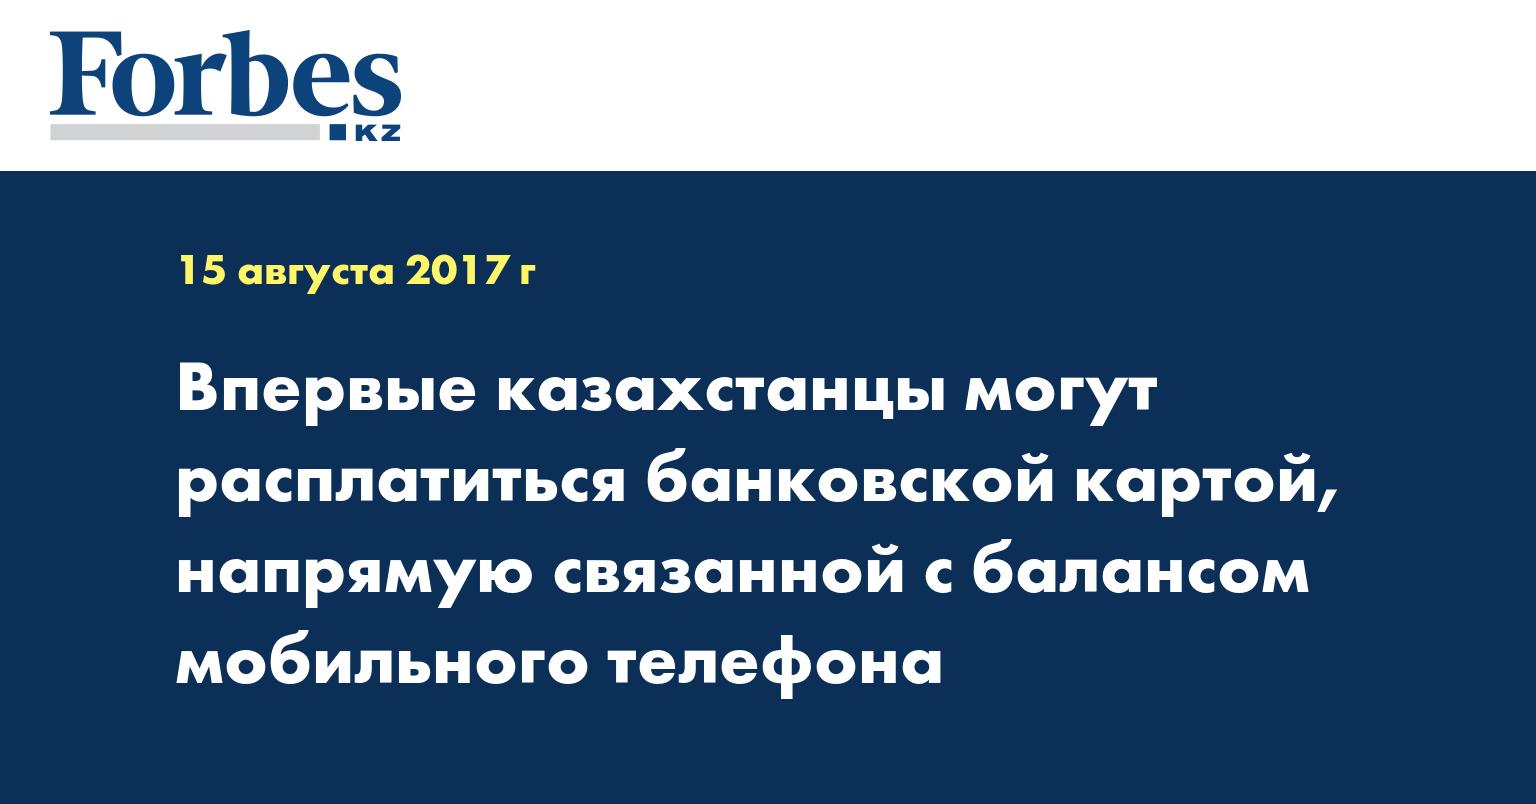 Впервые казахстанцы могут расплатиться банковской картой, напрямую связанной с балансом мобильного телефона